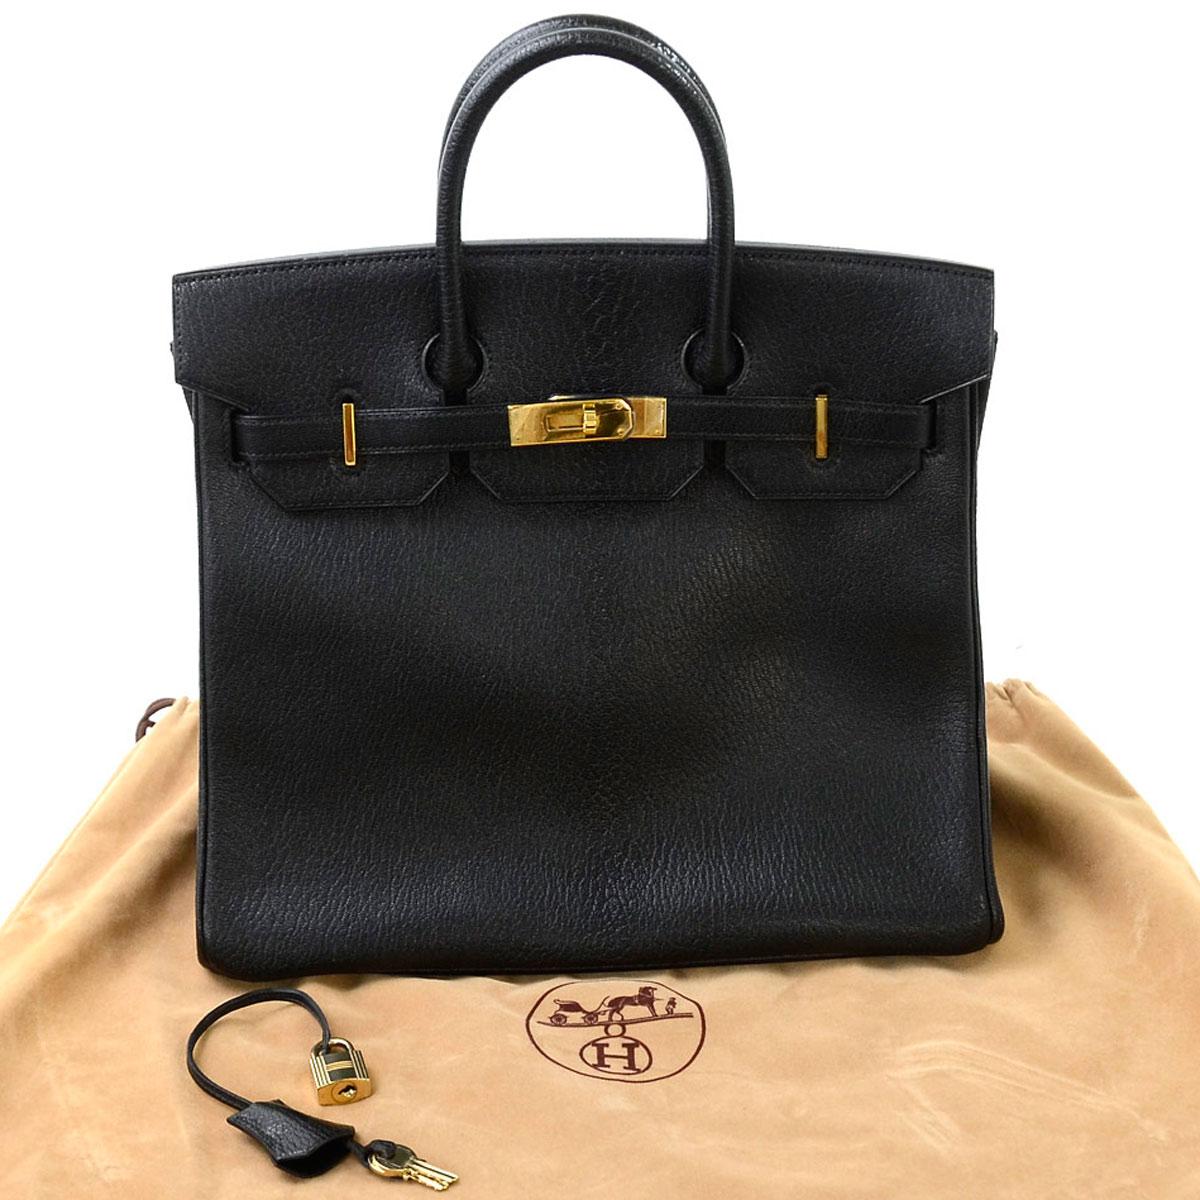 エルメス バッグ オータクロア32 ブラックxゴールド金具 コロマンデルレザー ハンドバッグ HERMES レディース メンズ 【中古】【おすすめ】 - e36071